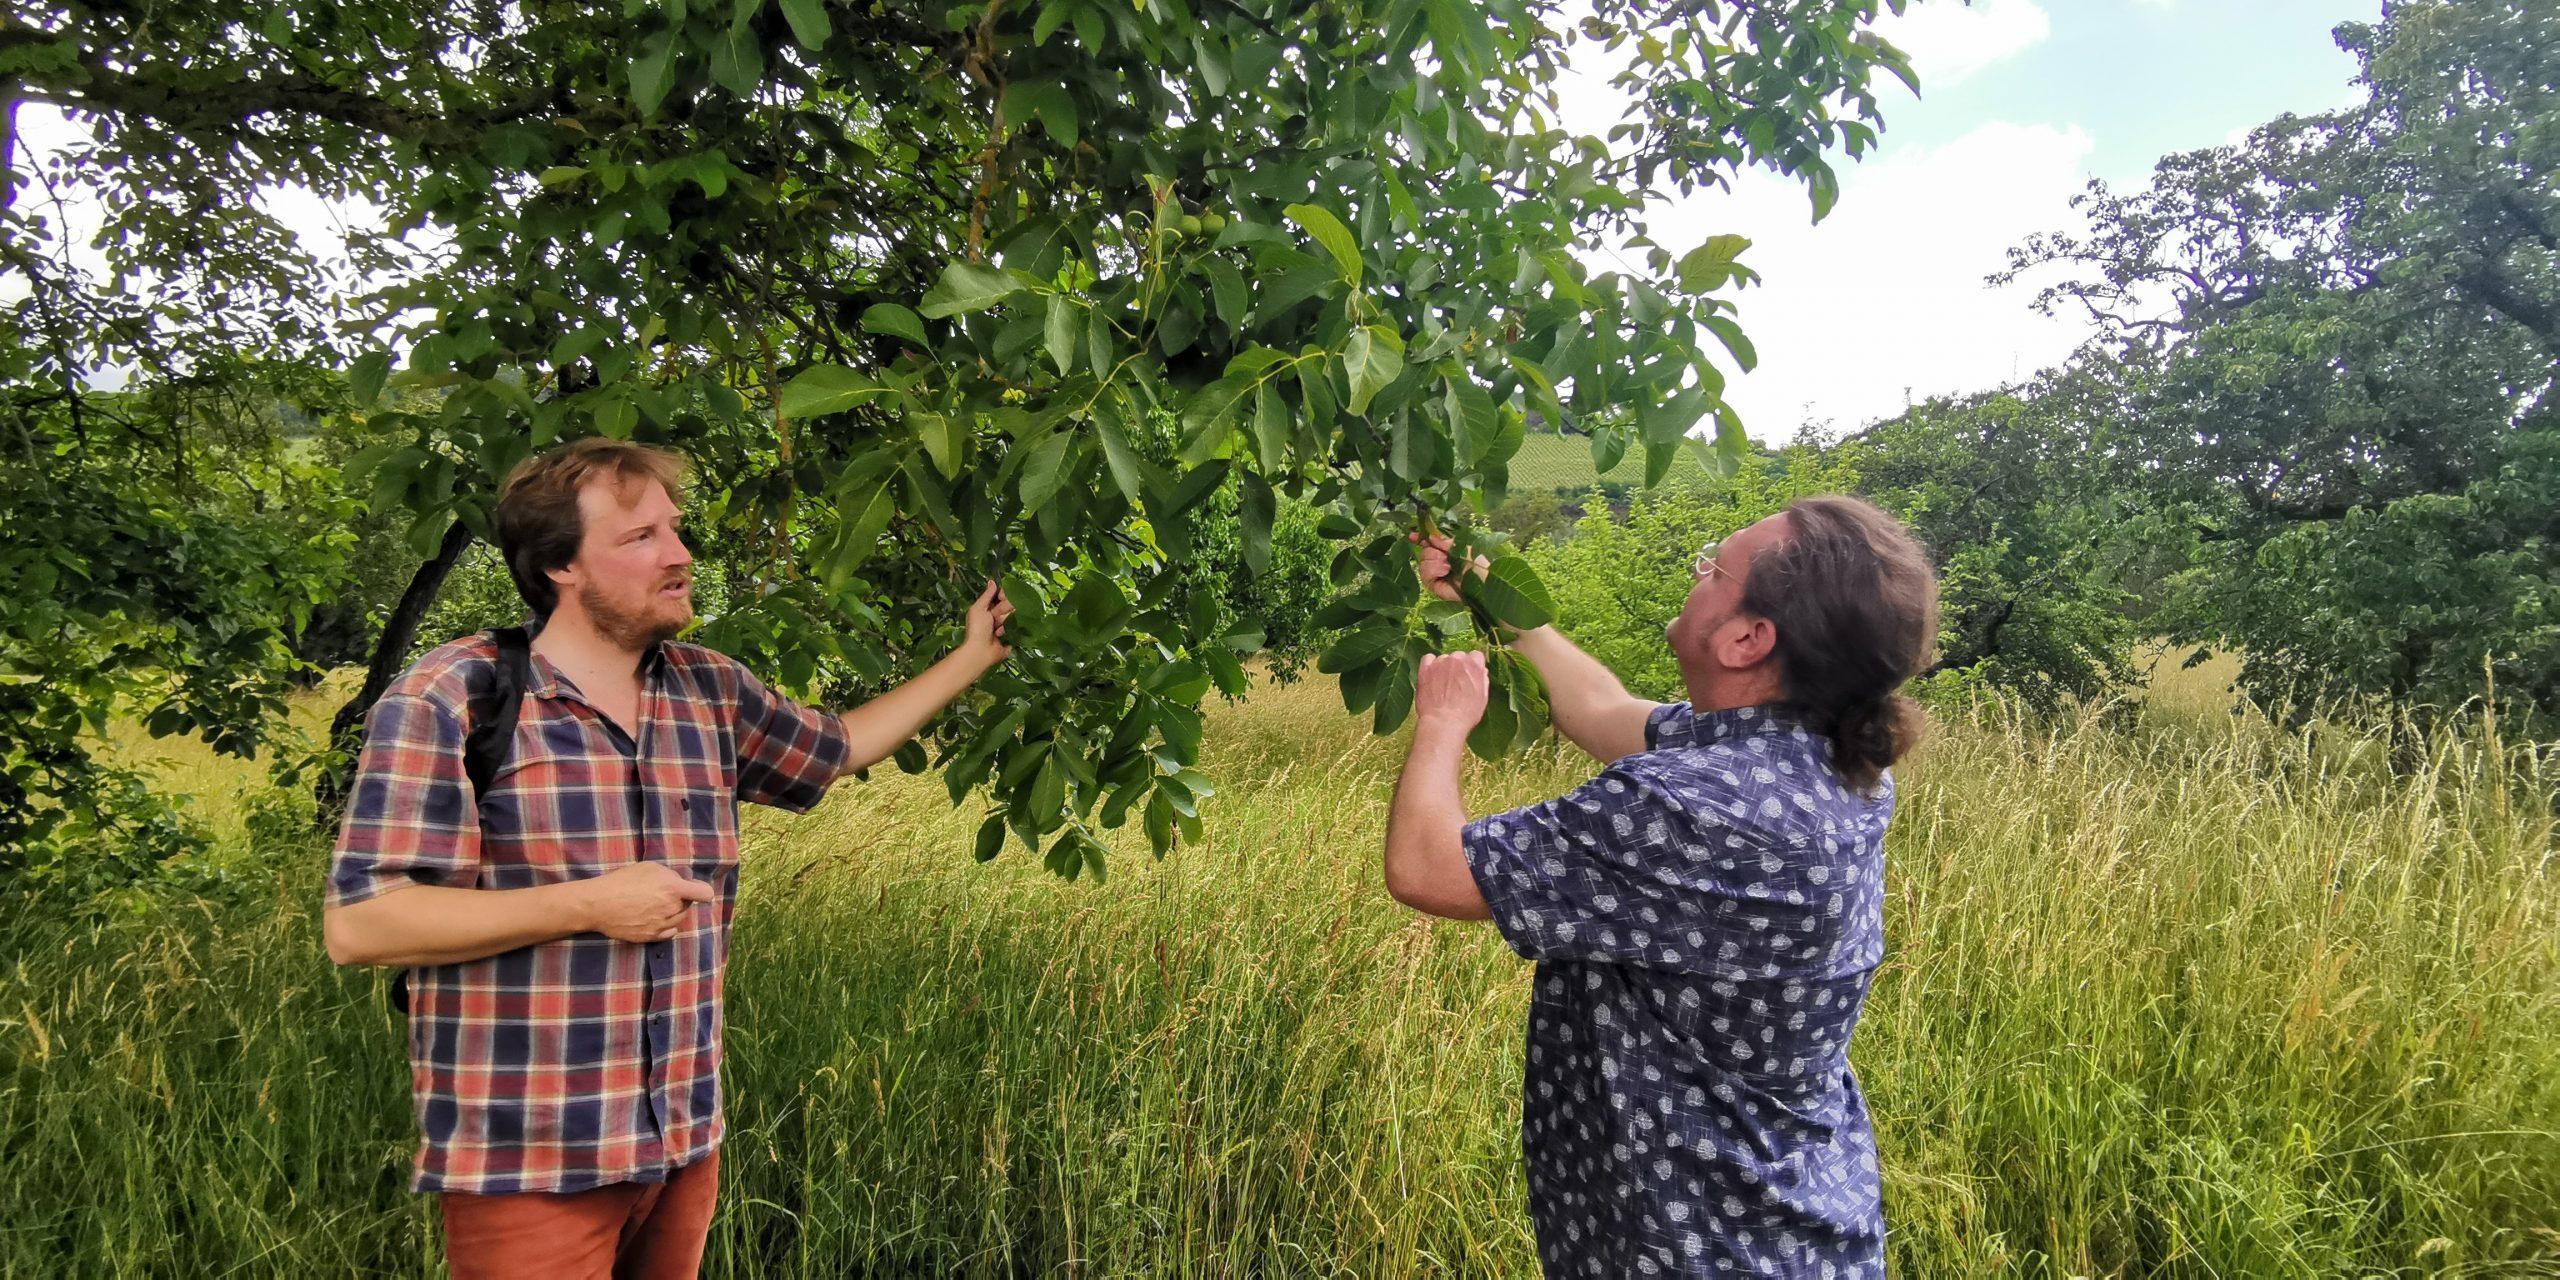 Thomas Luciow und Krischan Kords beim Walnussbaum für Schwarze Nüsse